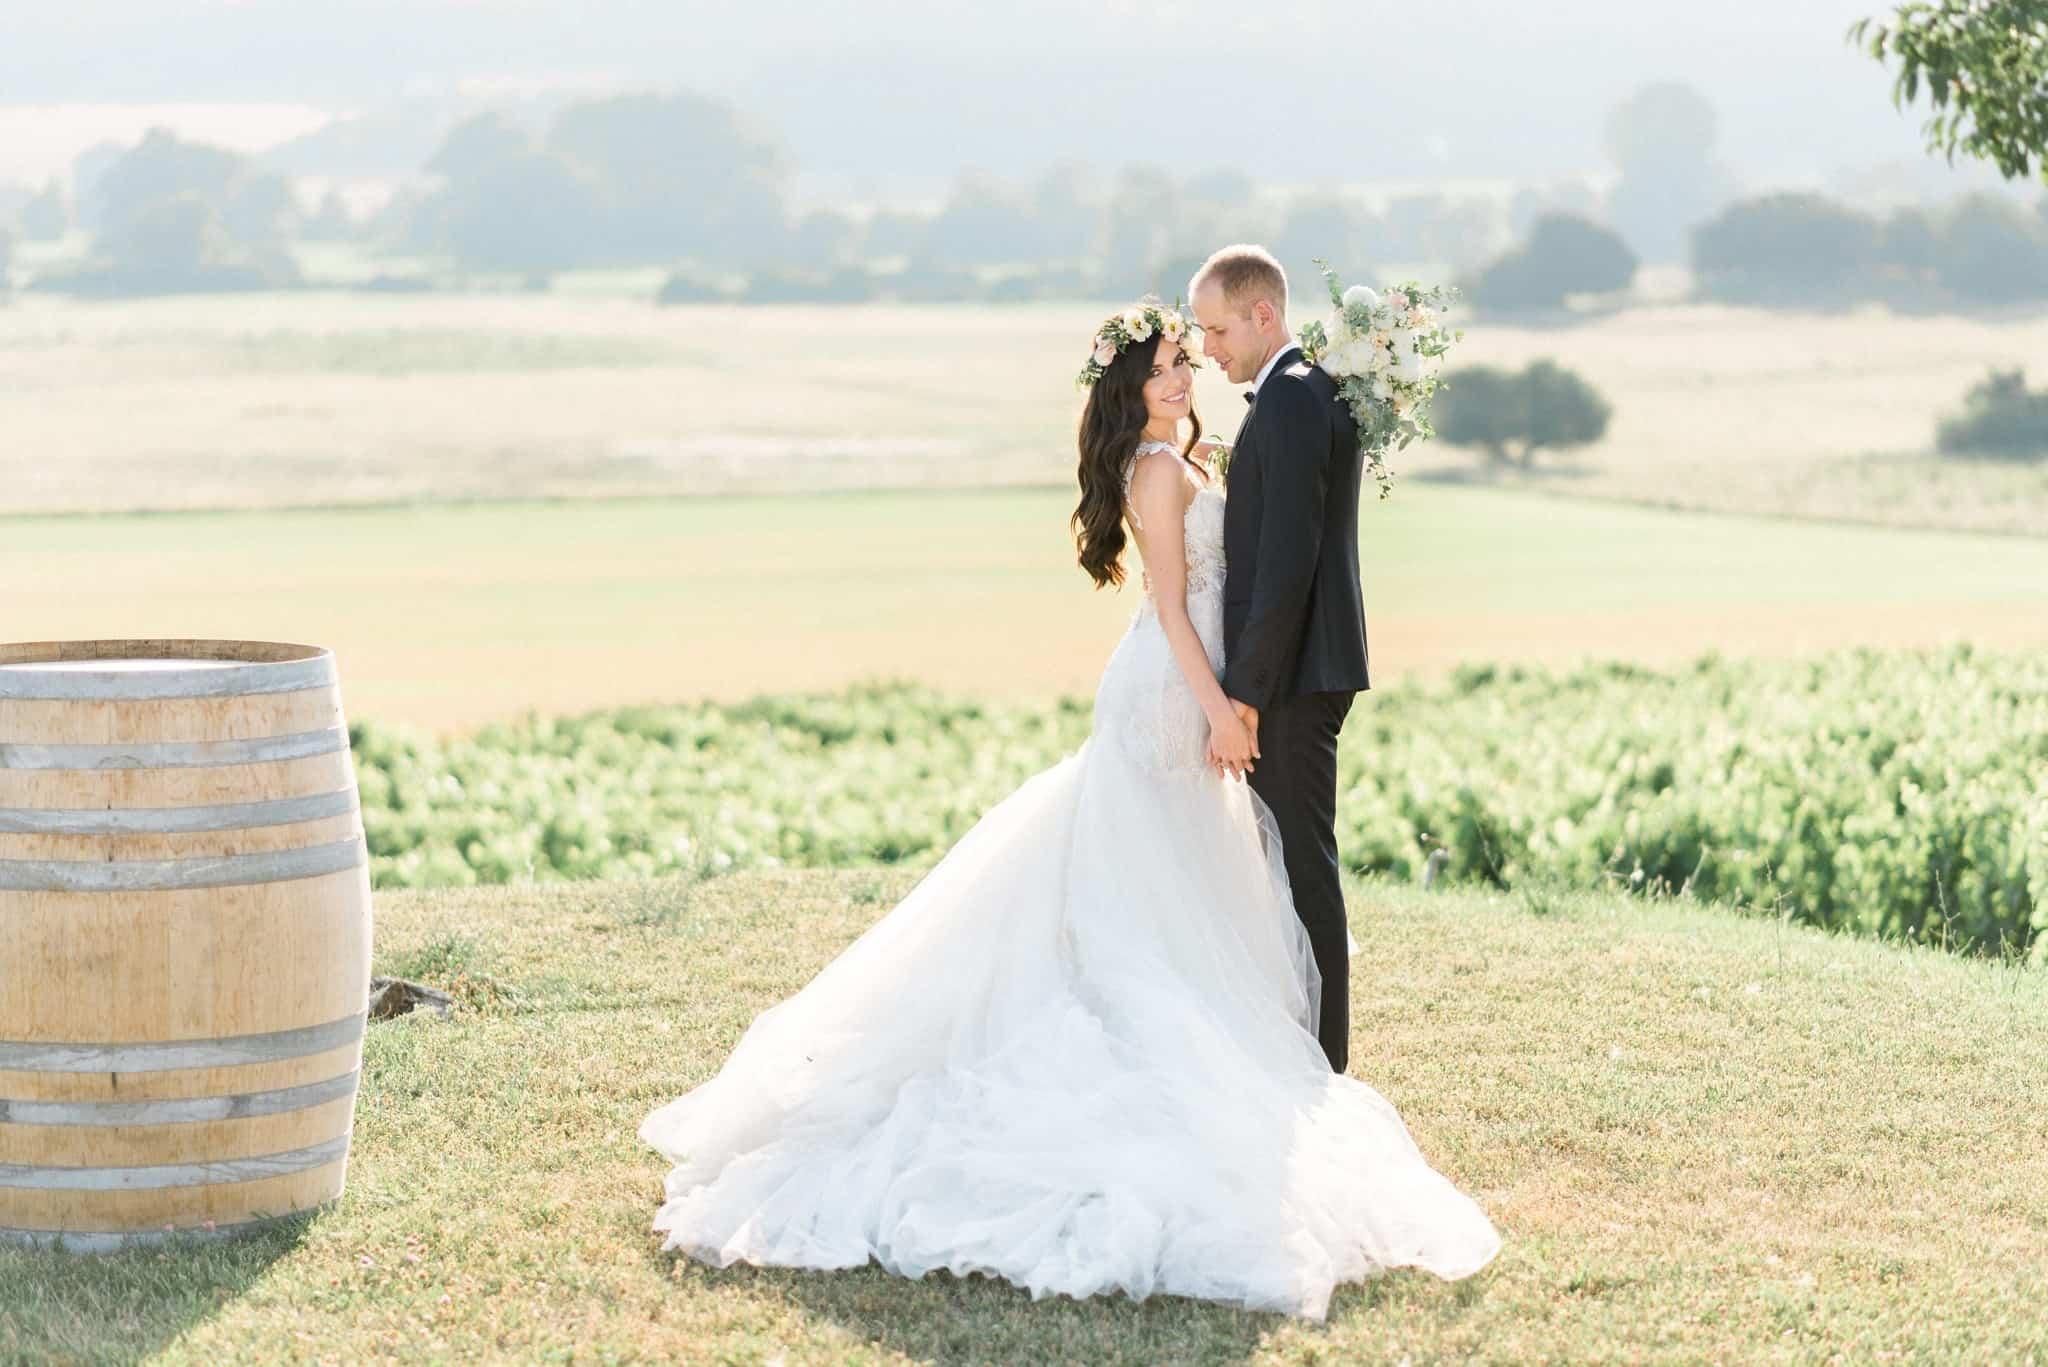 Wedoverhills_Prewedding_Fineart_Wedding_Photography_Vineyard_0008